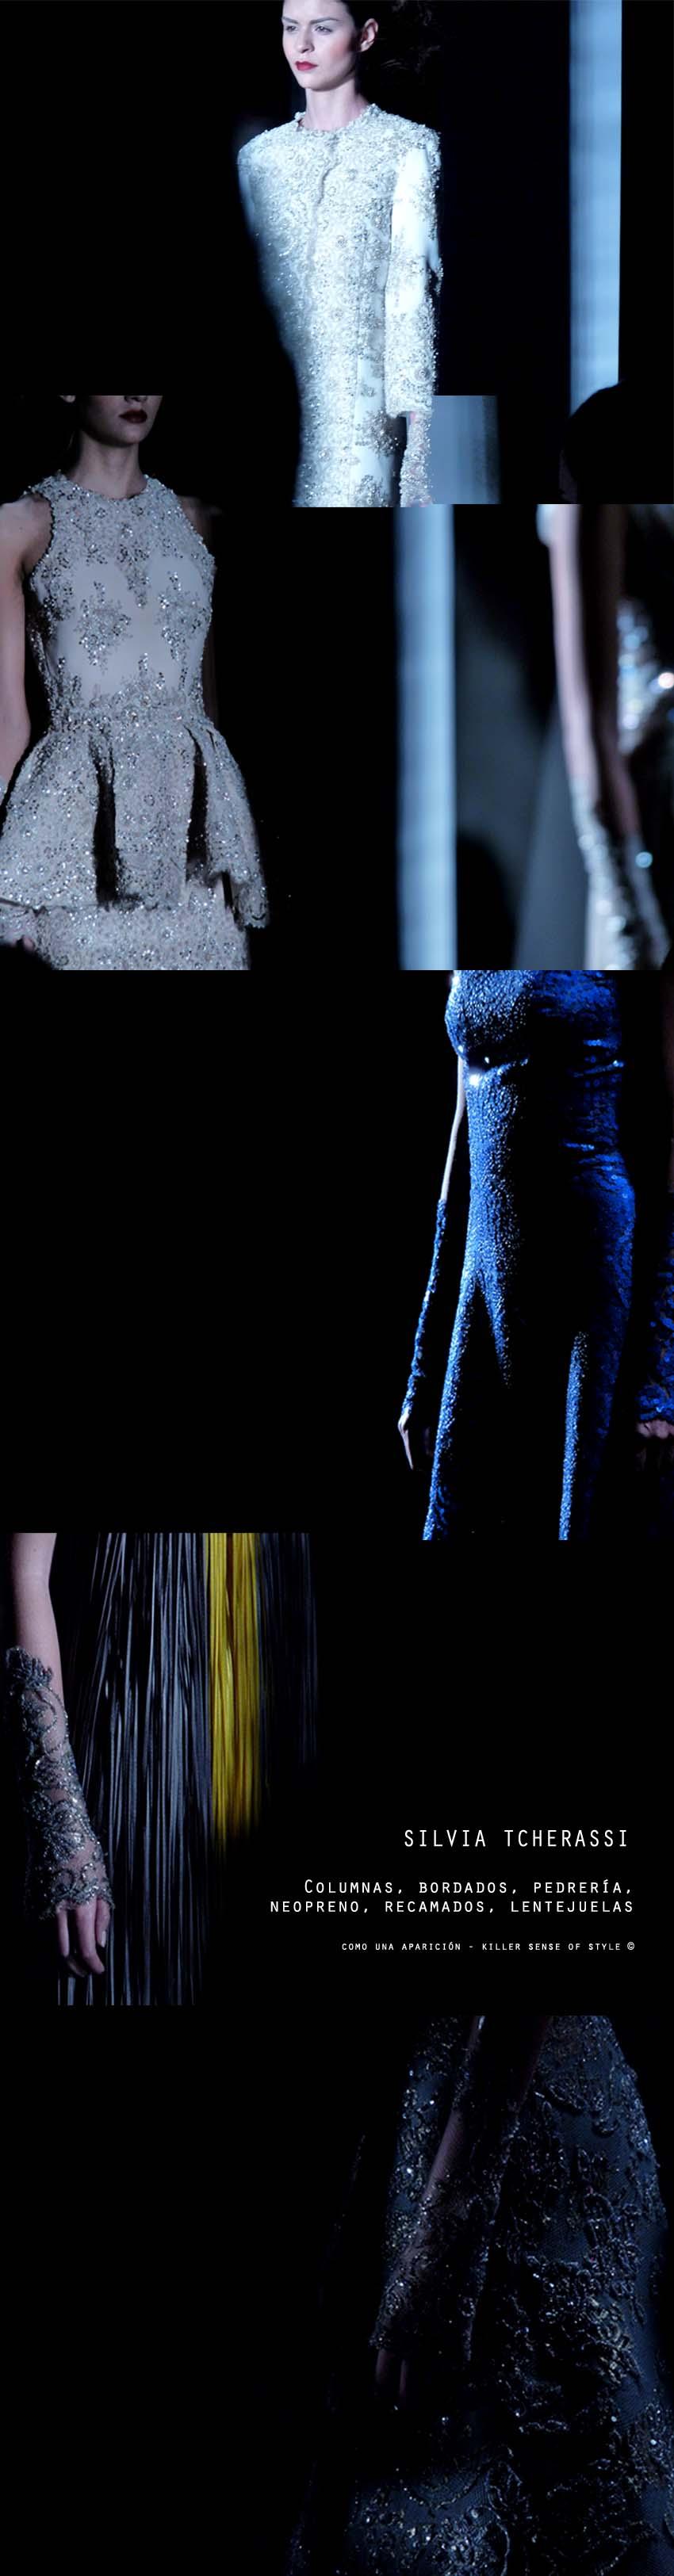 silvia-tcherassi-colombiamoda-desfile-fashion-show-colombian-designers-como-una-aparición-killer-sense-of-style